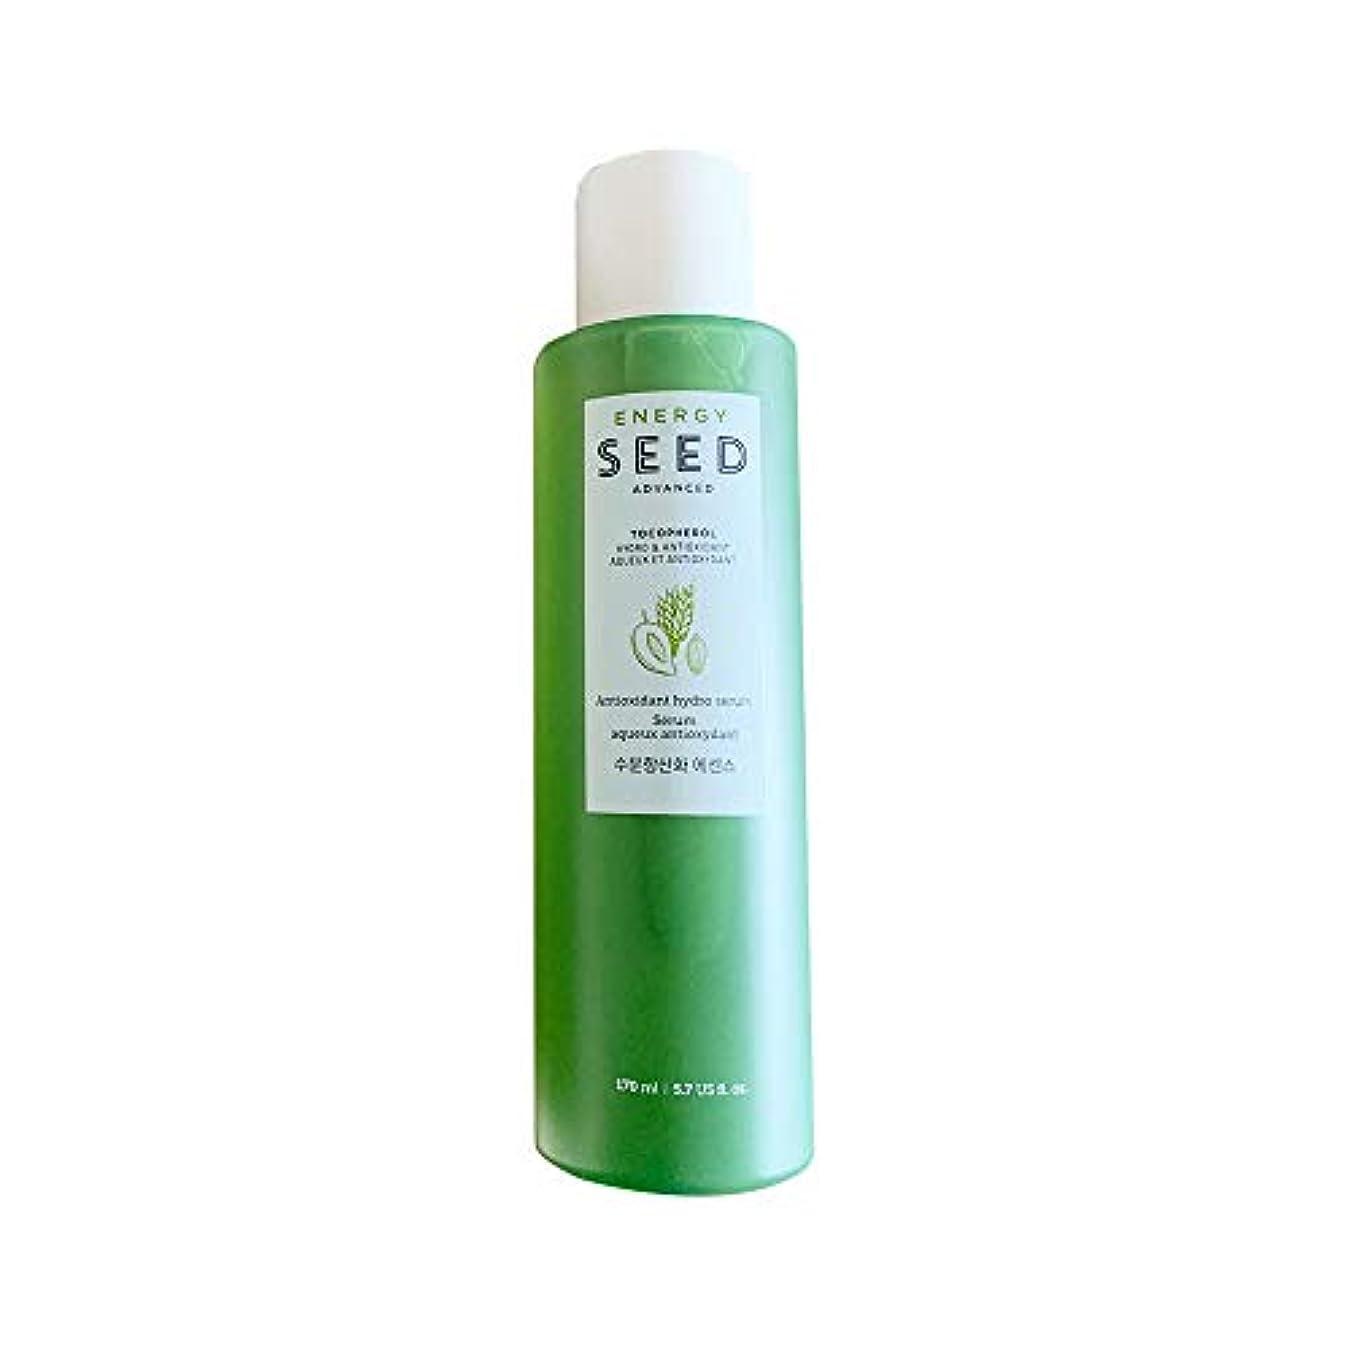 九時四十五分翻訳者利得[ザフェイスショップ]The Face Shop エネルギーシード水分抗-酸化エッセンス170ml Energy Seed An-tioxidant Hydro Essence 170ml [海外直送品]